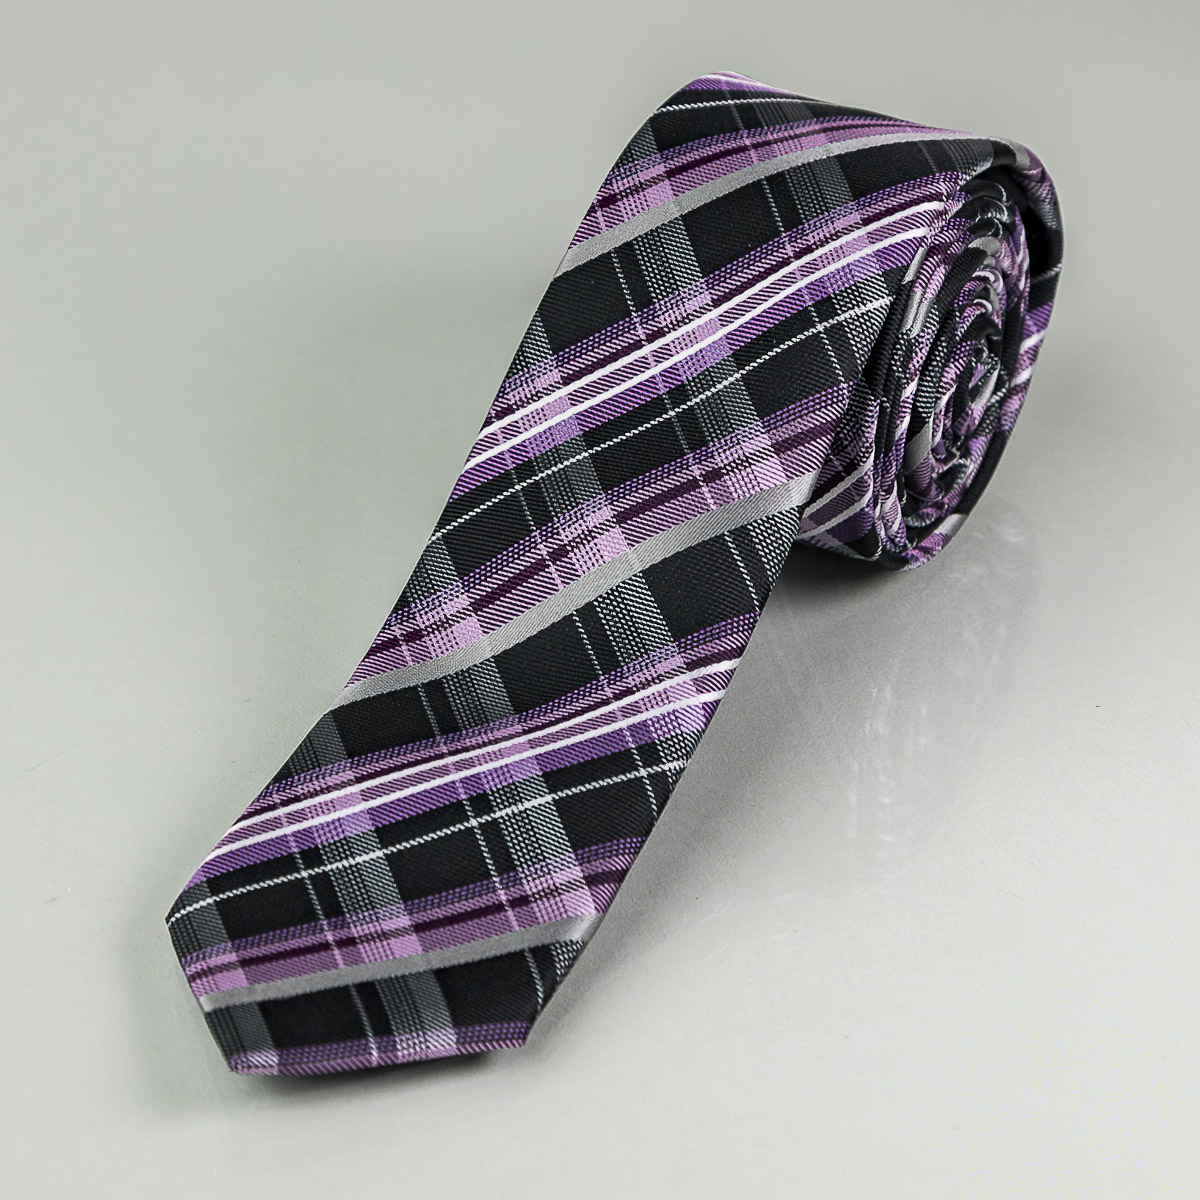 Kravata pánská AMJ úzká károvaná KI0311, fialová